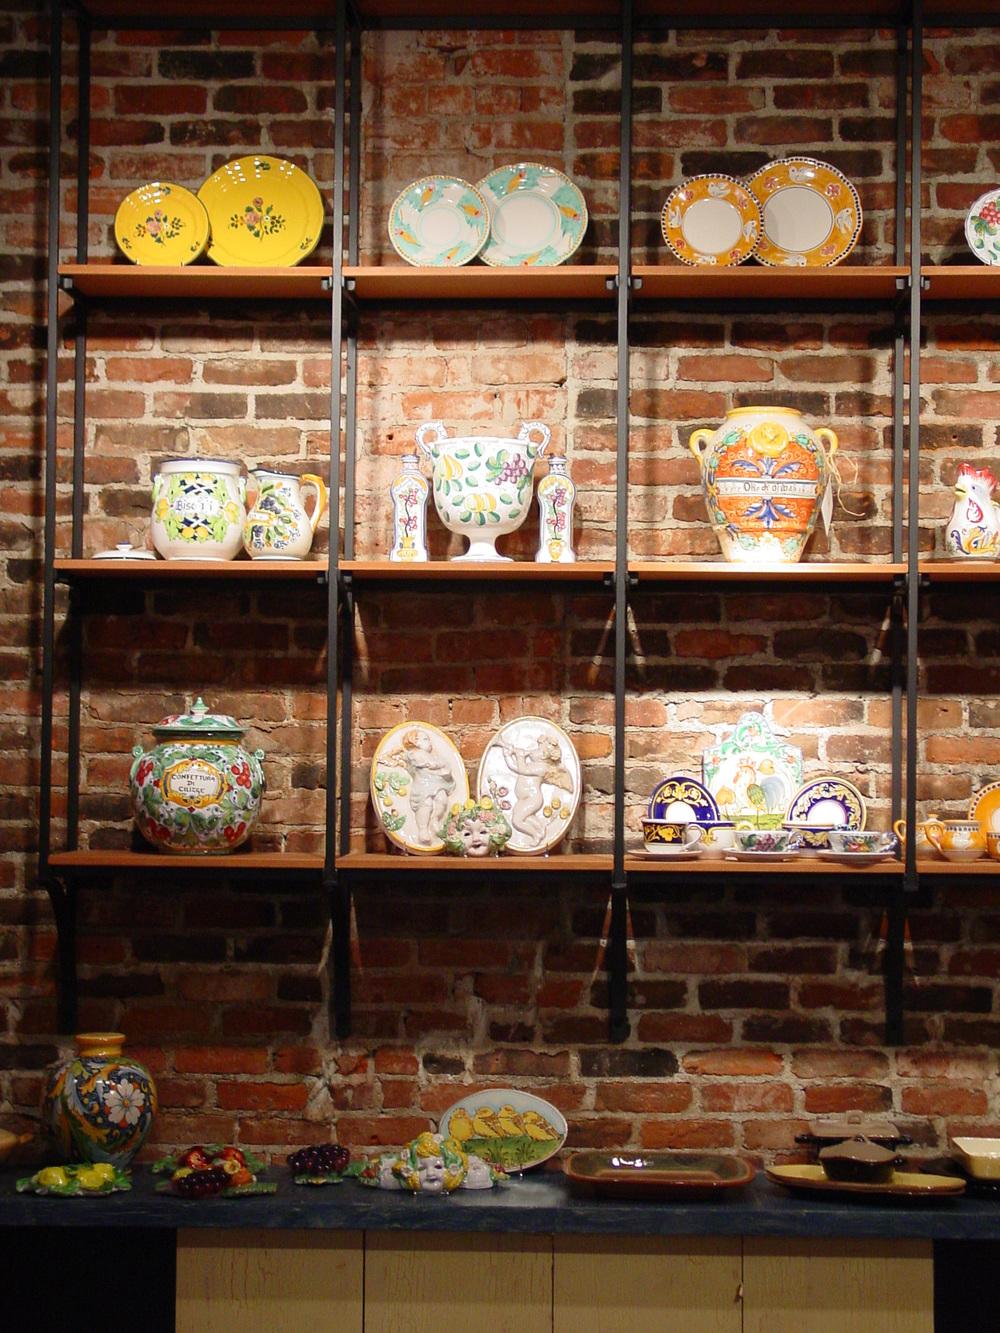 127_09_Perugino_shelves.jpg